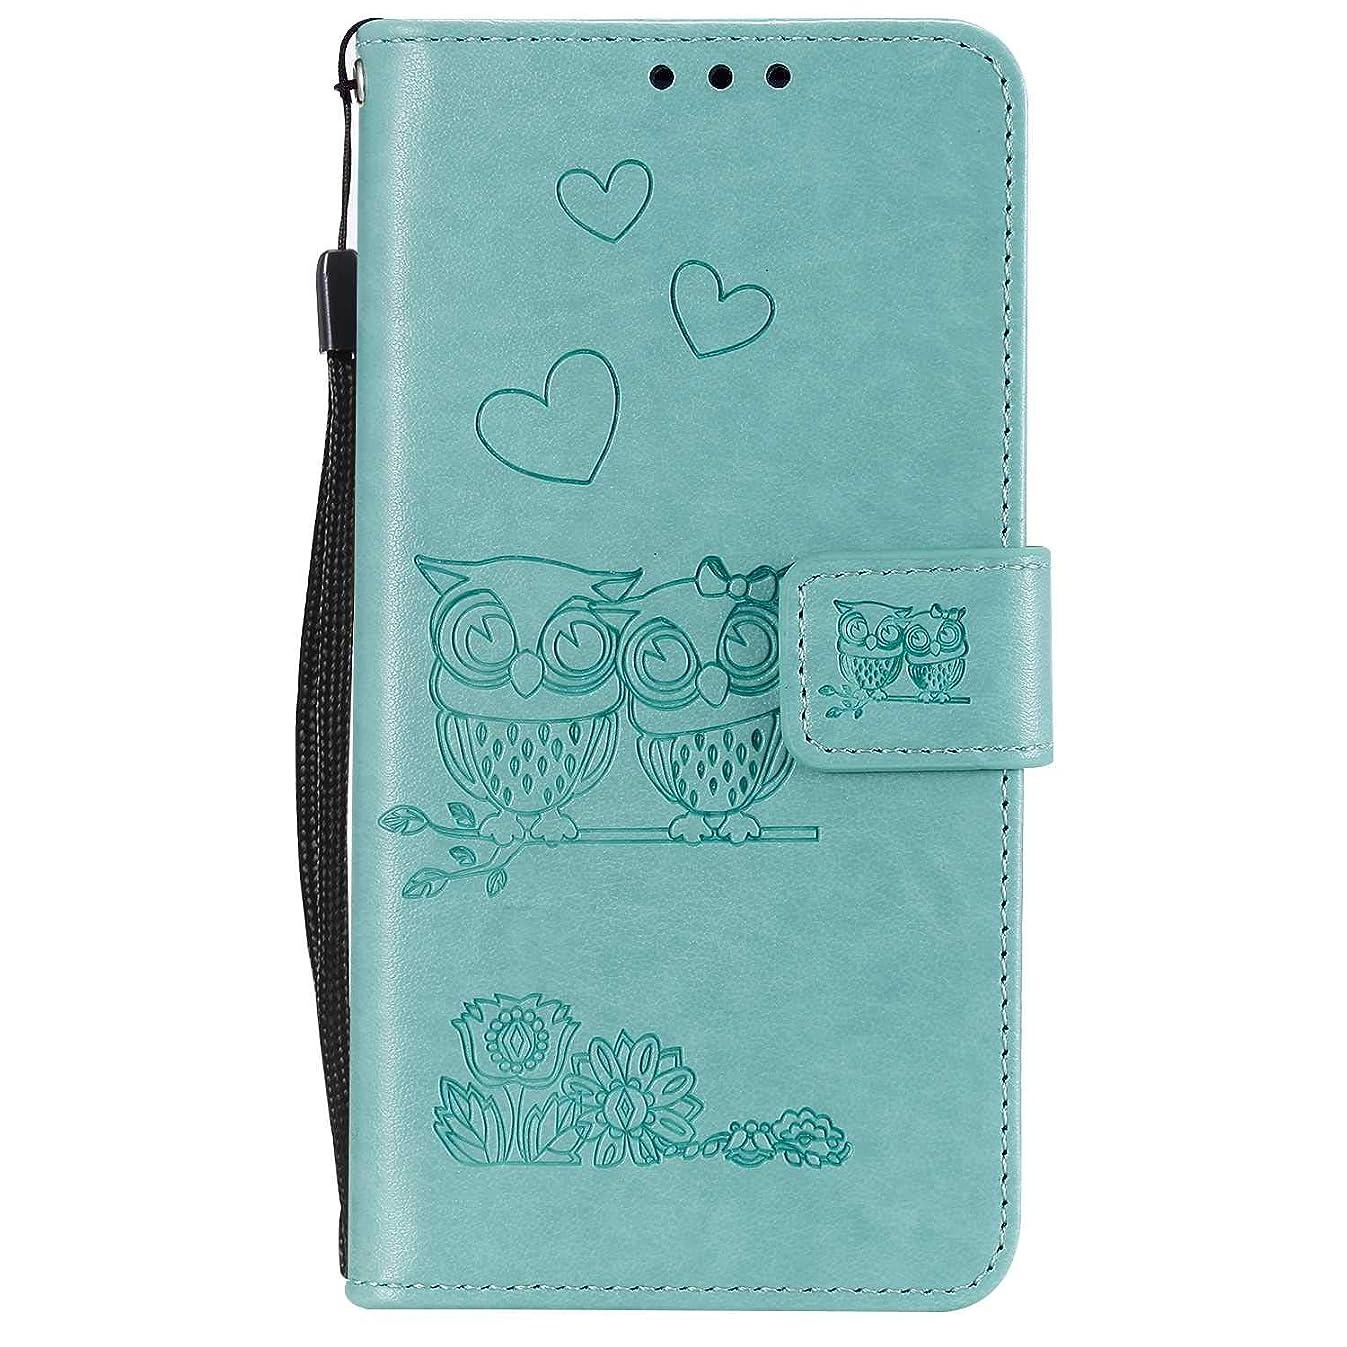 踏みつけエンジニアリング祝福OMATENTI Huawei Honor 10 ケース, 簡約風 軽量 良質 PU レザー 財布型 ビジネス ケース, フクロウのエンボスパターン 衝撃吸収 液晶保護 カード収納 横置きスタンド機能付き マグネット Huawei Honor 10 用 Case Cover, 緑